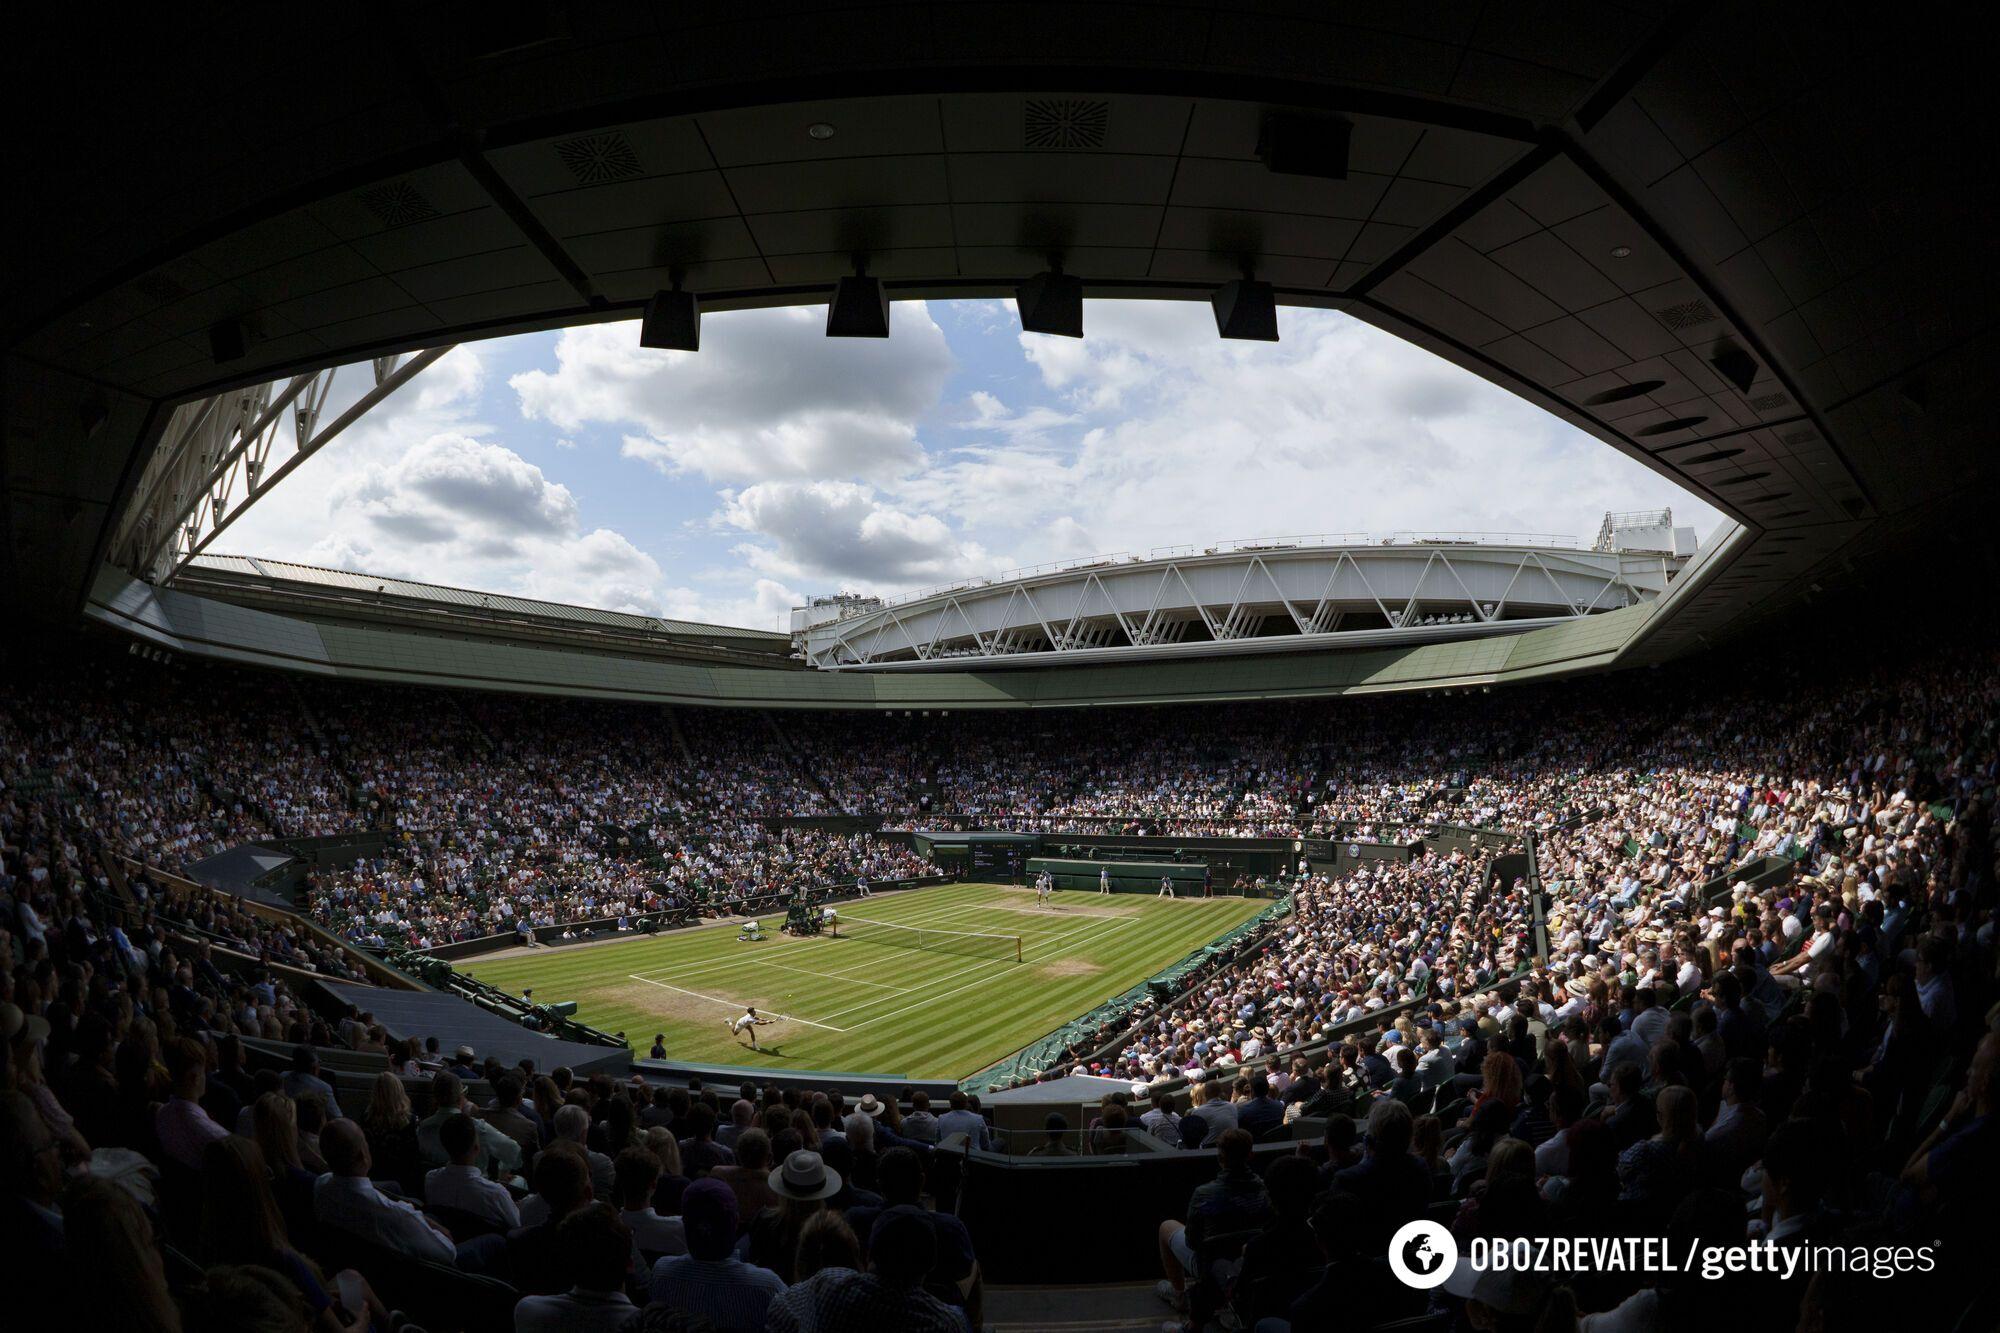 Полные трибуны Wimbledon